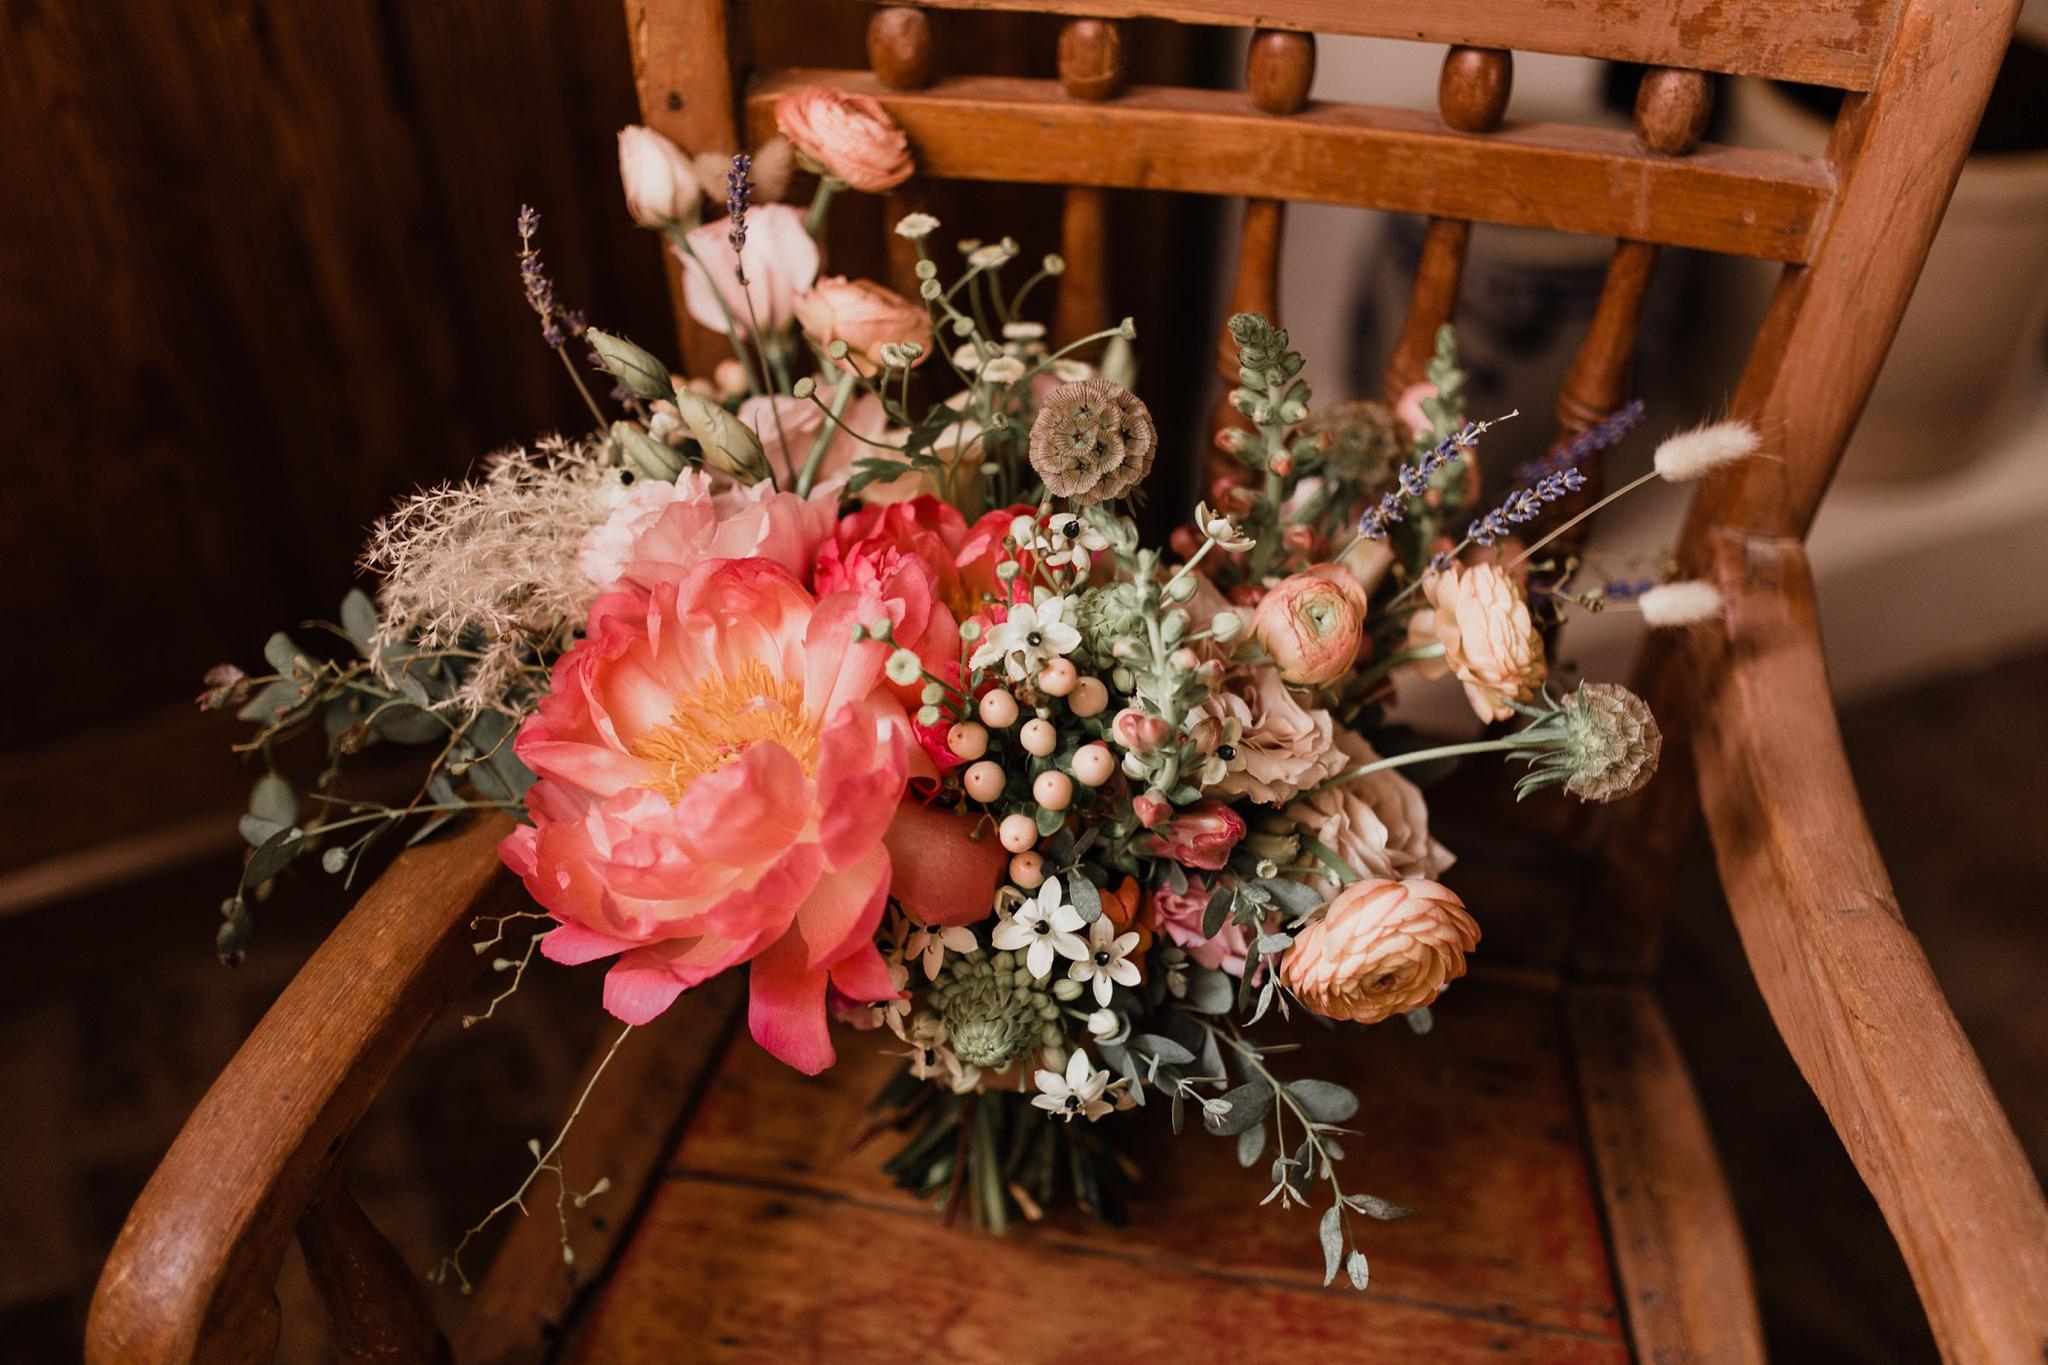 Alicia+lucia+photography+-+albuquerque+wedding+photographer+-+santa+fe+wedding+photography+-+new+mexico+wedding+photographer+-+new+mexico+wedding+-+summer+wedding+-+summer+wedding+florals+-+southwest+wedding_0098.jpg